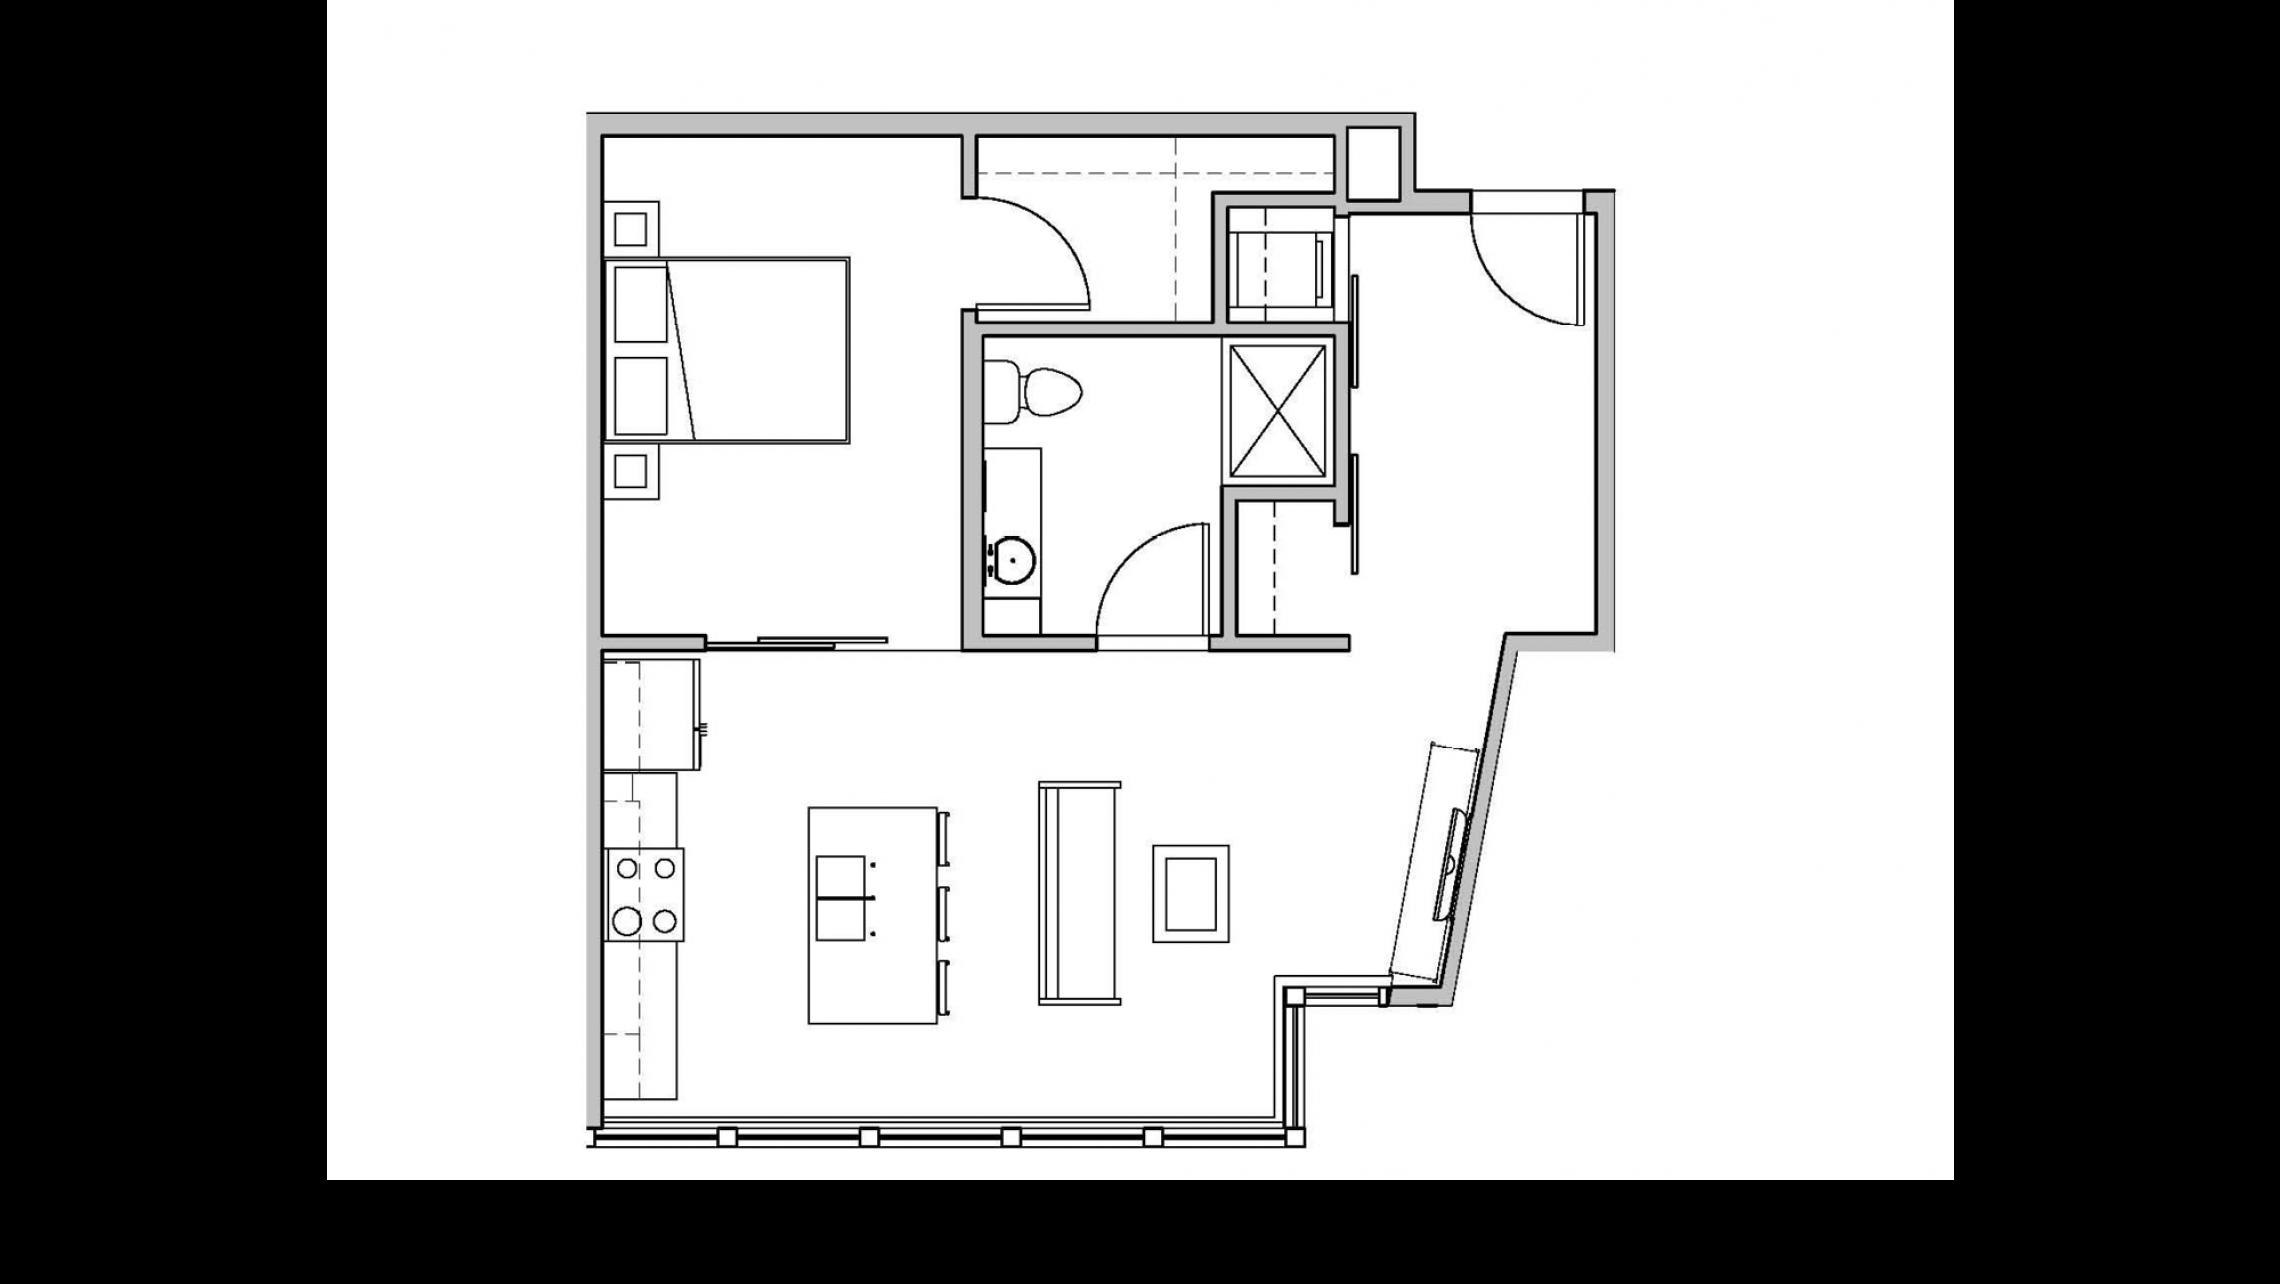 ULI Seven27 217 - One Bedroom, One Bathroom